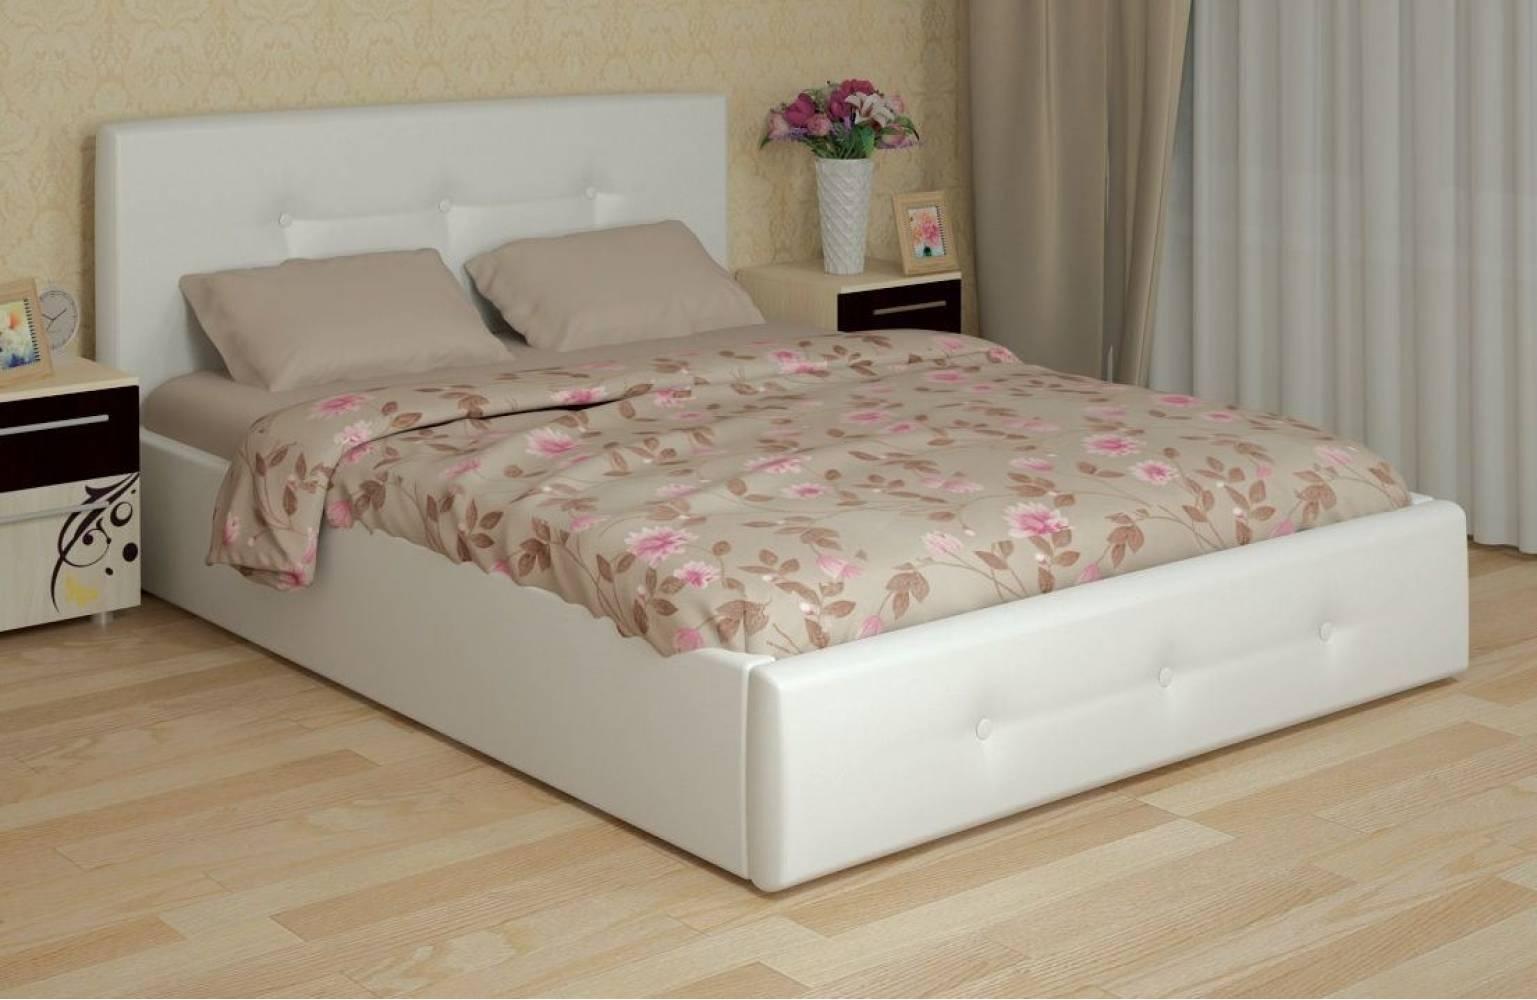 Линда Кровать интерьерная 160*200 см + ортопед 160 ножка 185 мм-5 шт